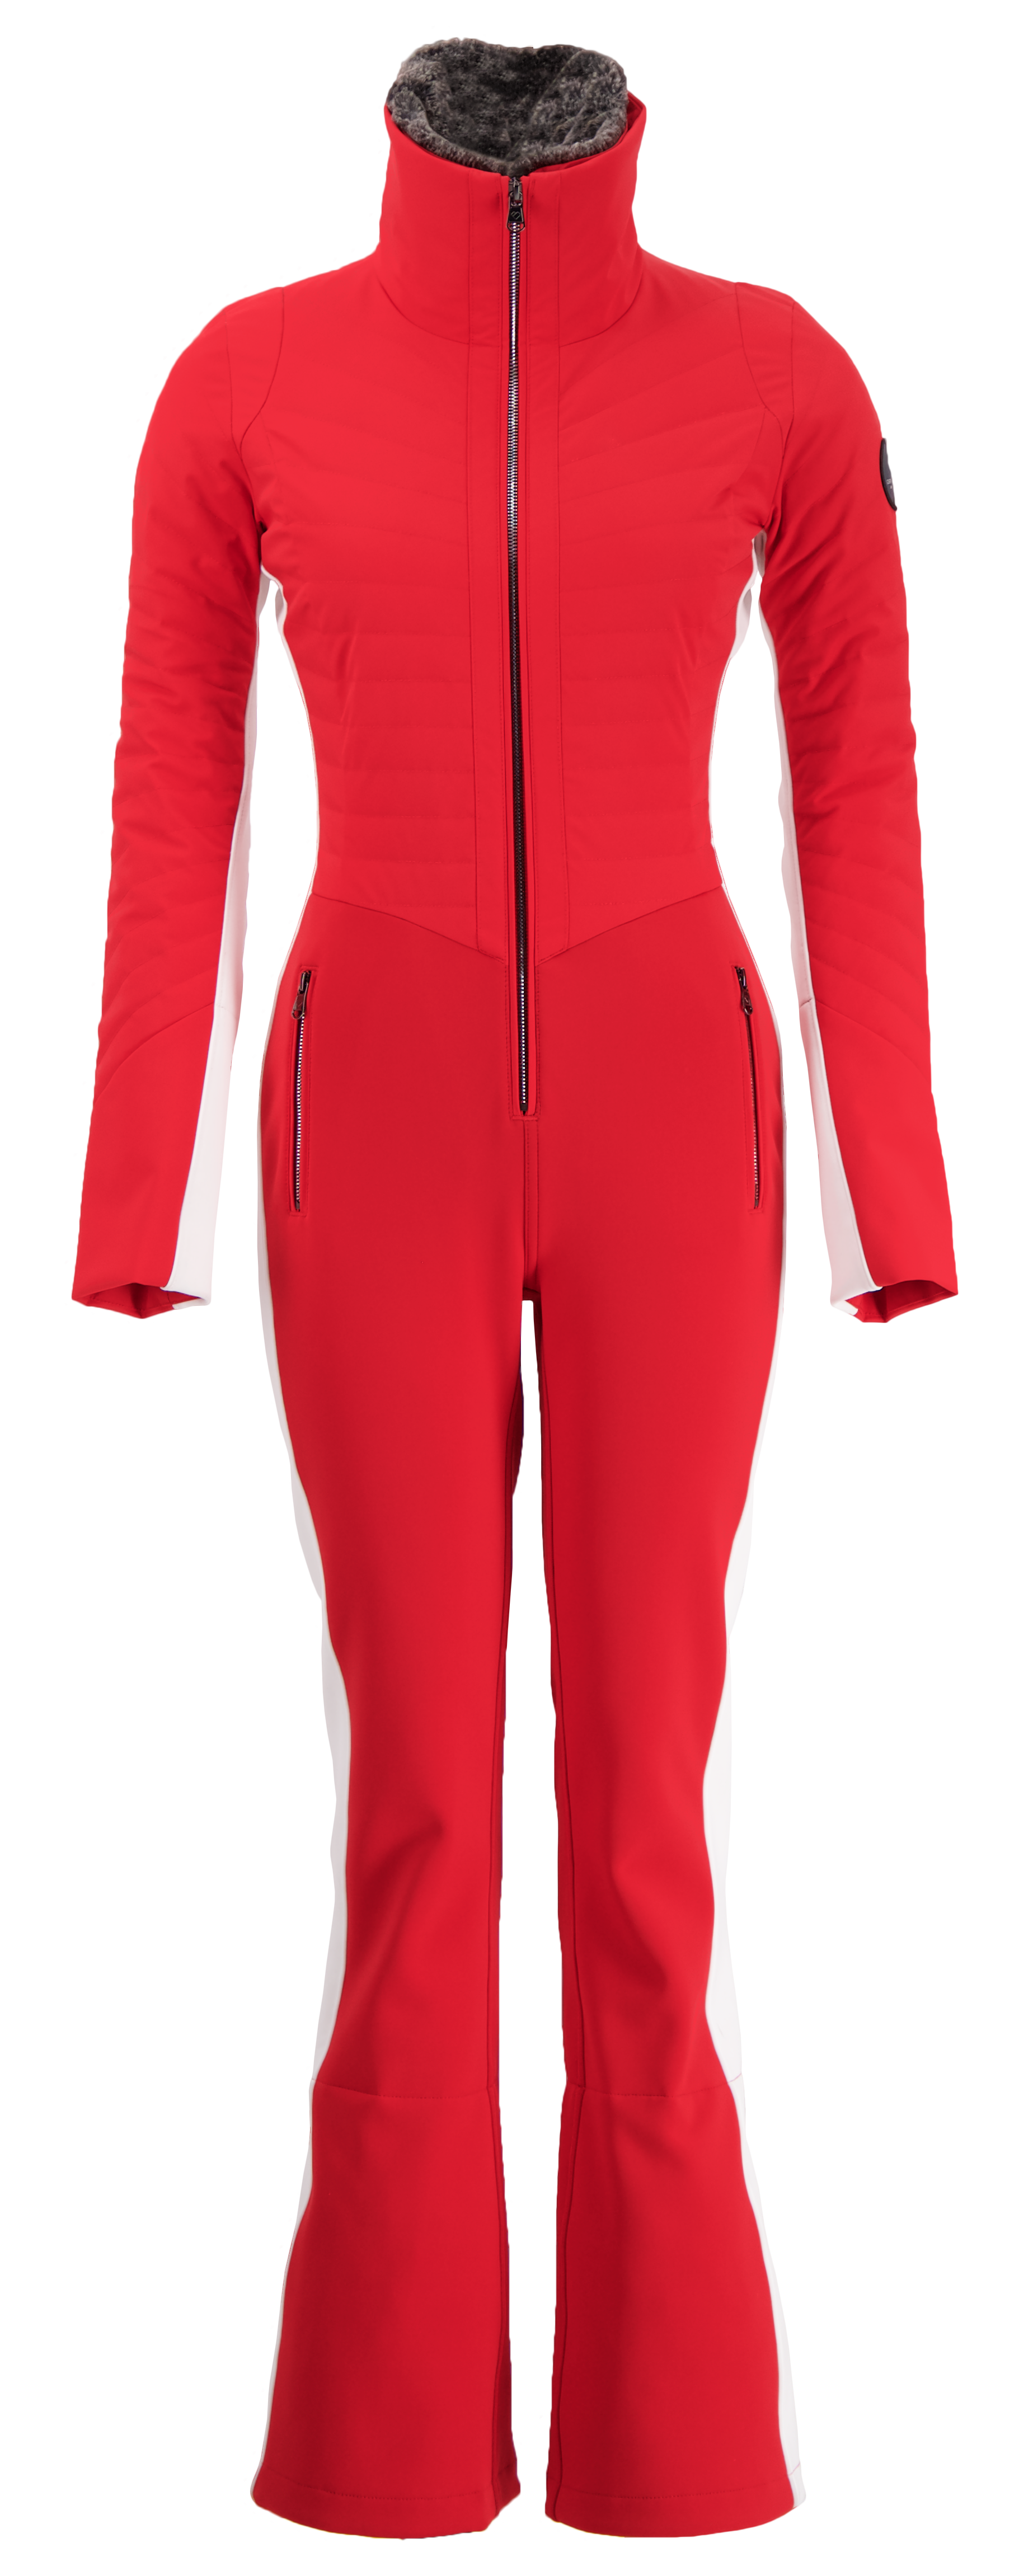 Tecnica Mach Sport MV 2020